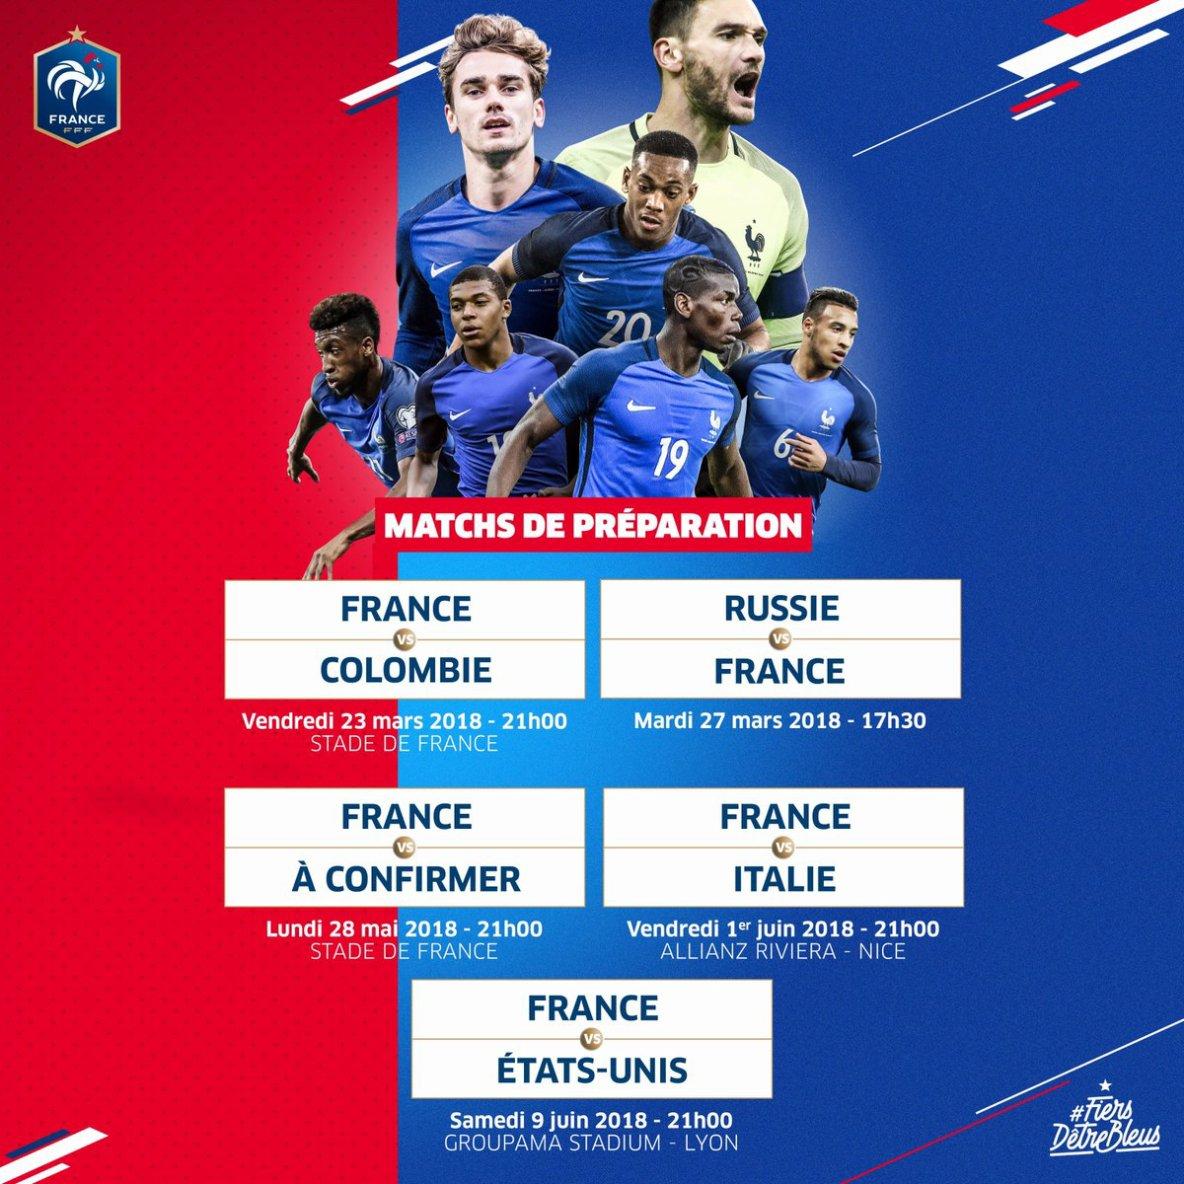 MATCH DE PREPARATION DE L'EQUIPE DE FRANCE